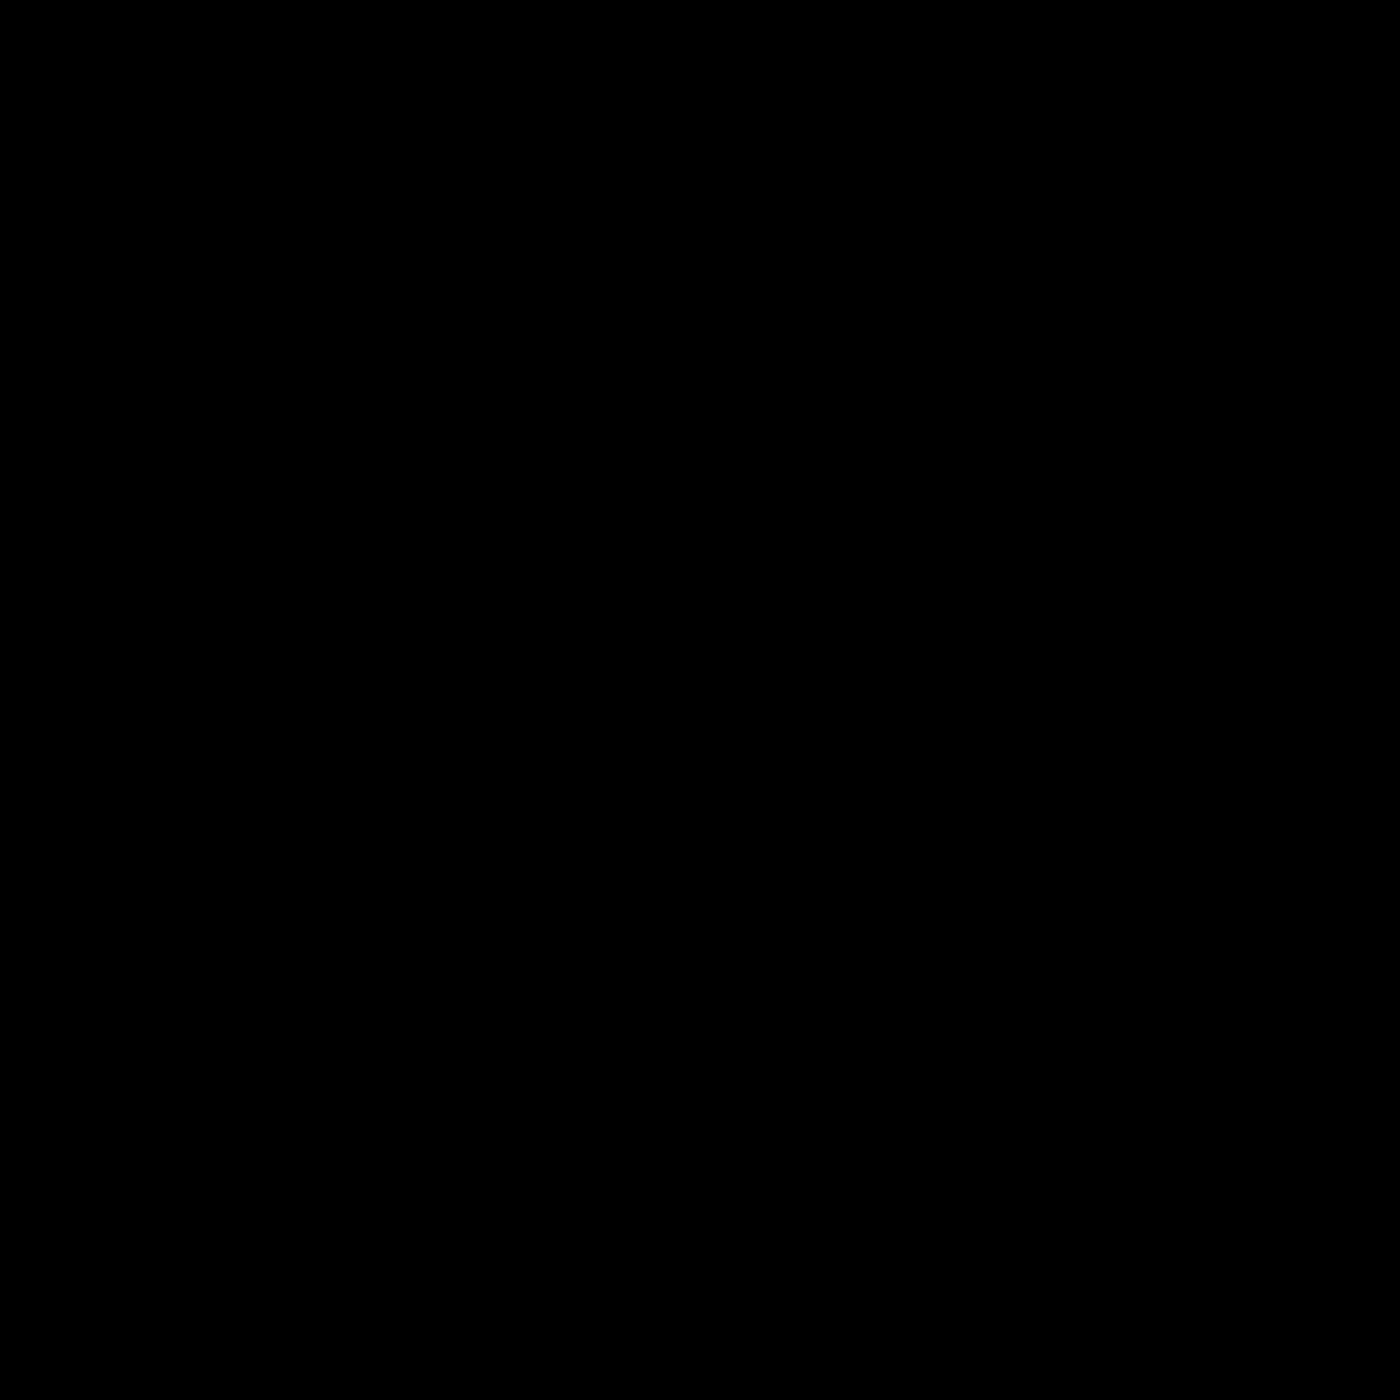 Pixilart Horse Base By Specklerfox